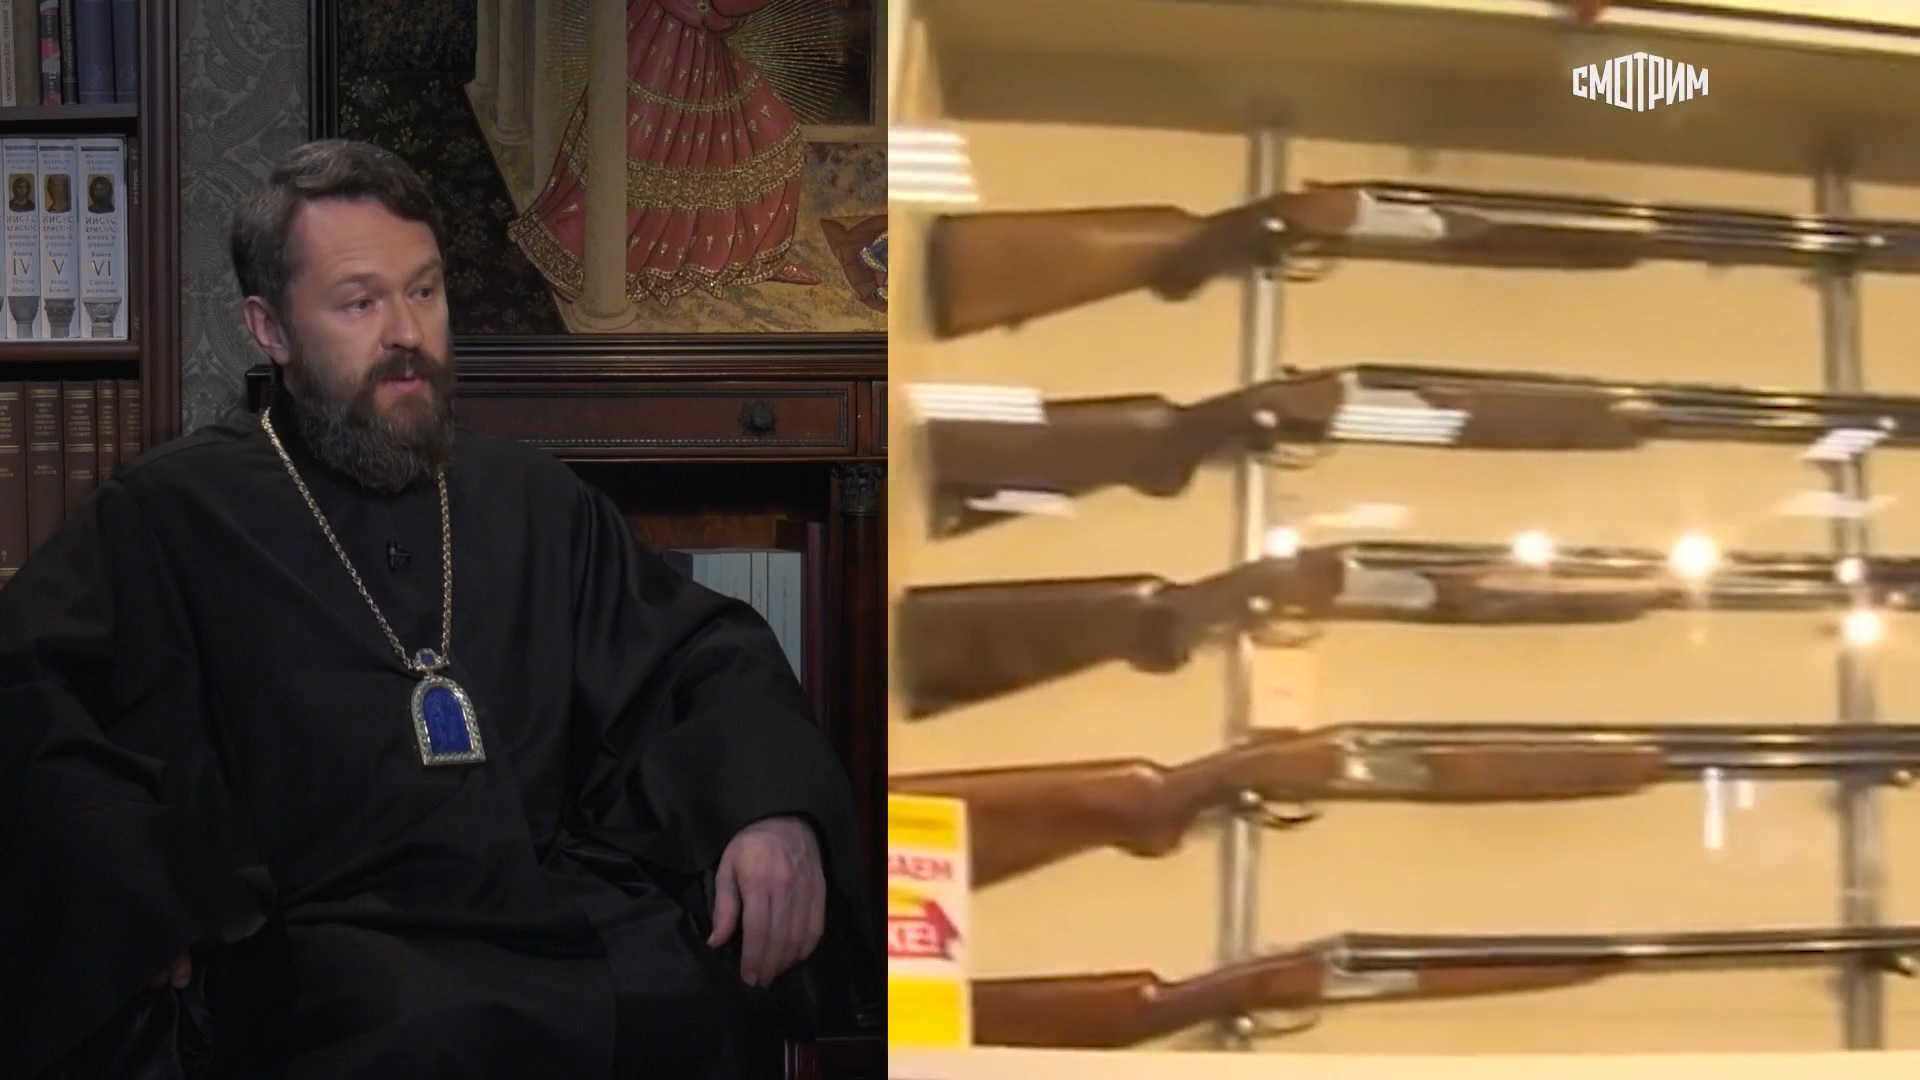 Митрополит Иларион призвал запретить охоту для развлечения